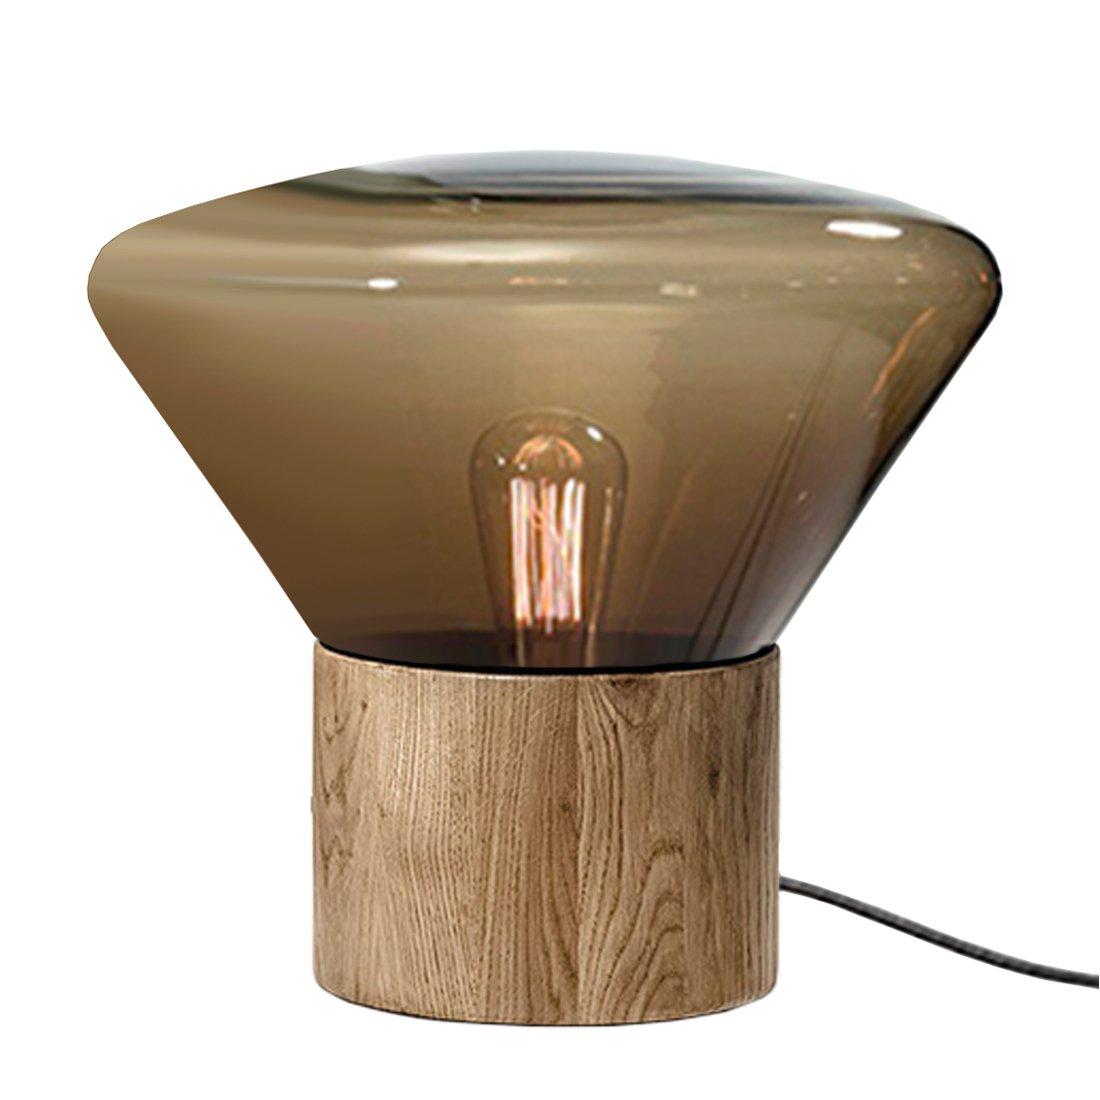 Brokis Muffin Tafellamp Medium Smoked Brown - Naturel Eiken